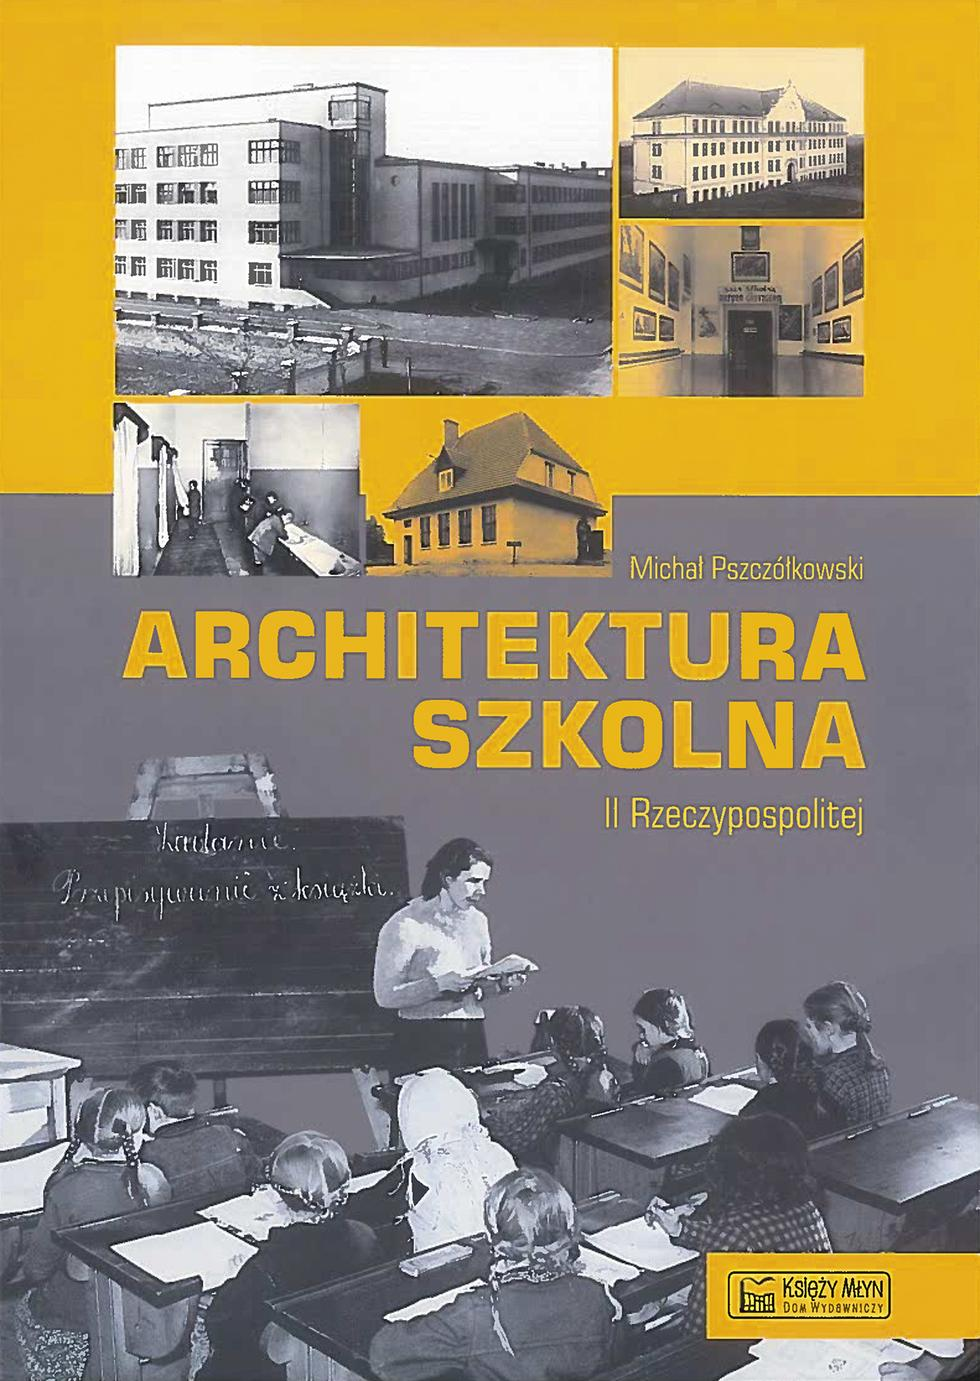 Architektura szkolna II Rzeczypospolitej